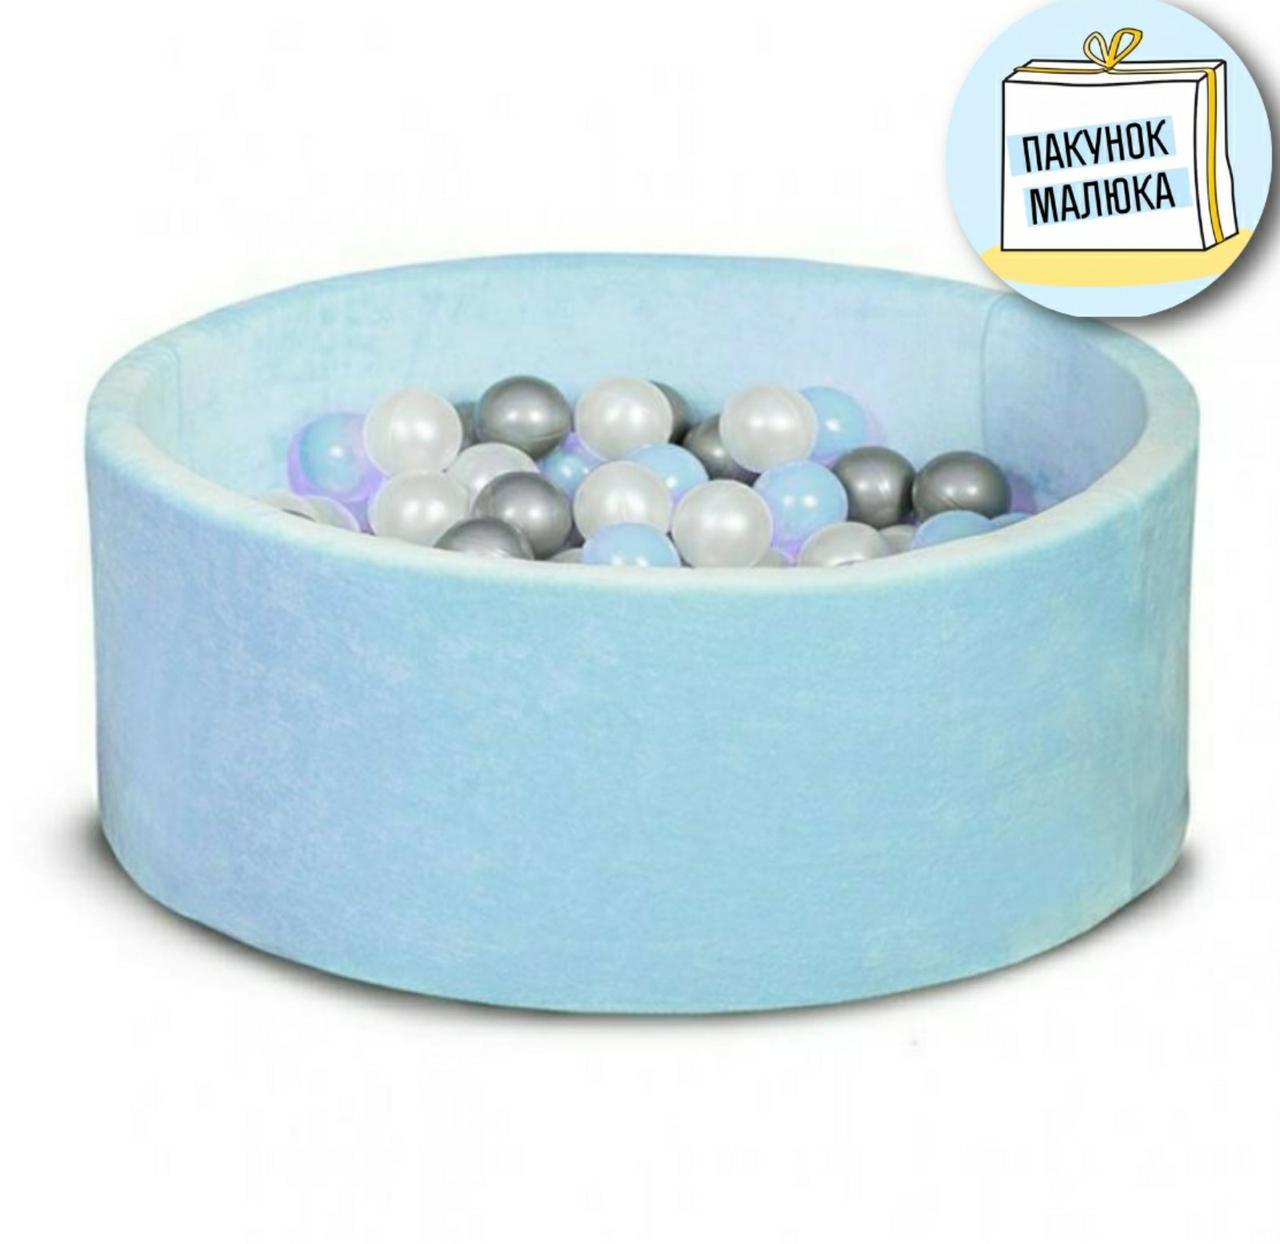 Сухий басейн ігровий! В блакитному кольорі, діамерт 100 см